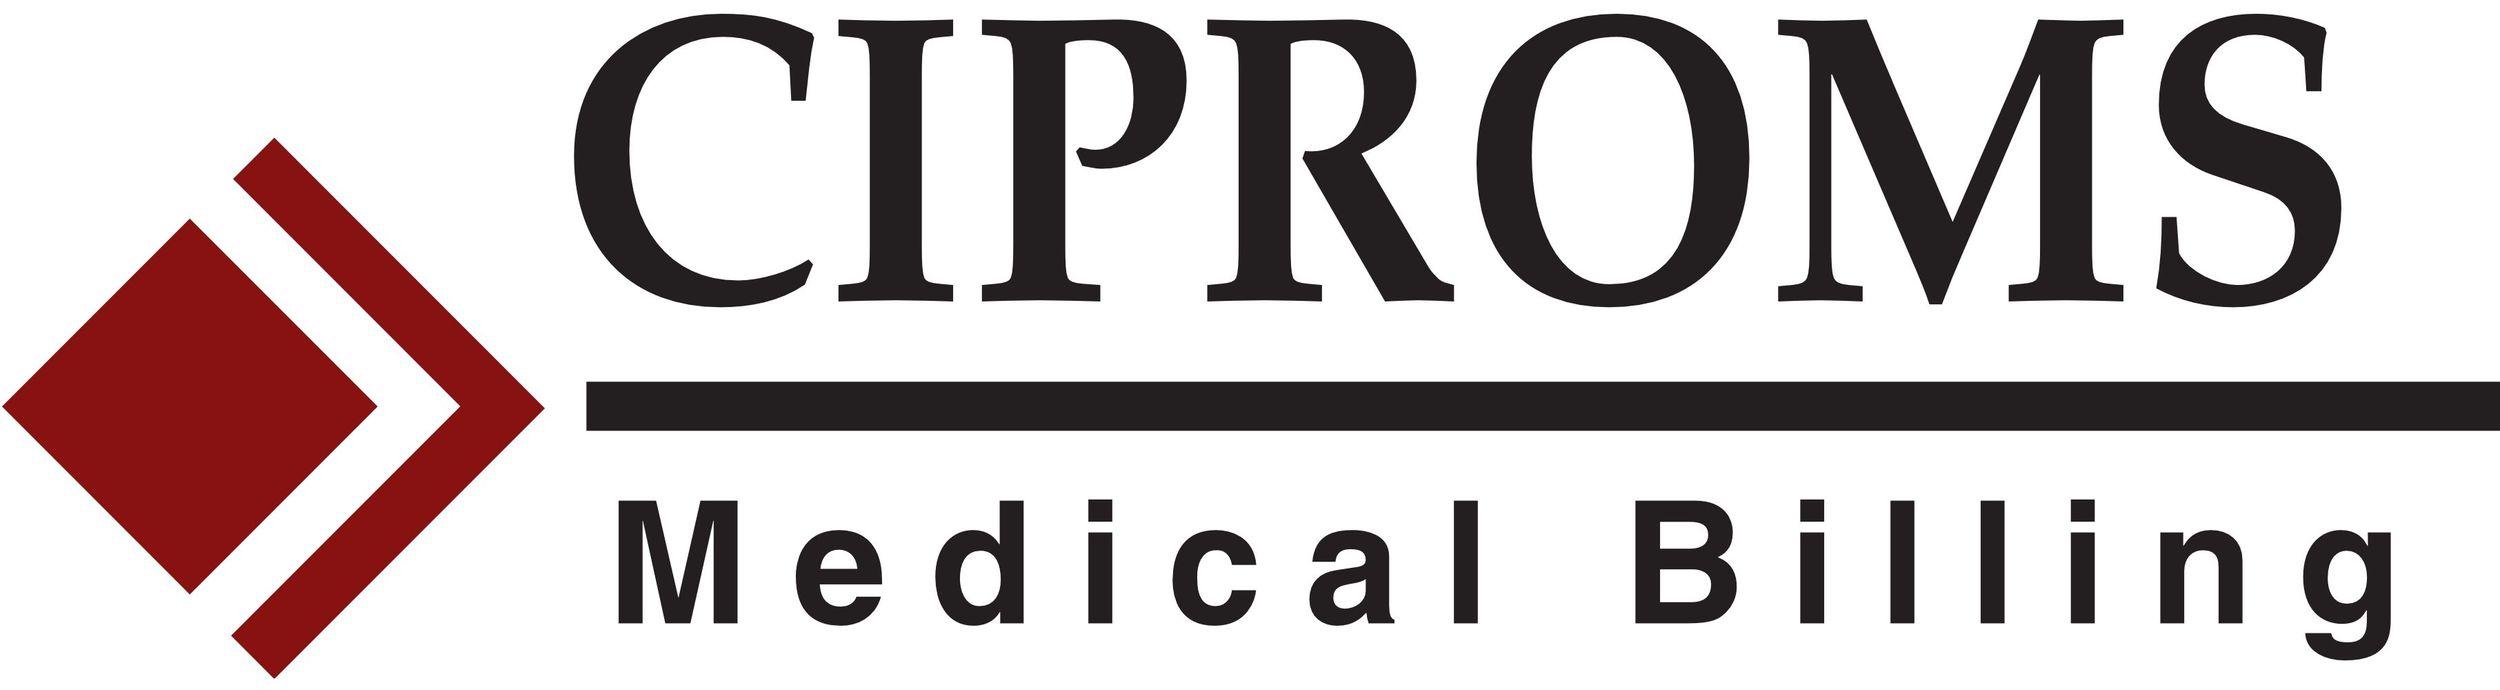 CIPROMS Logo.jpg